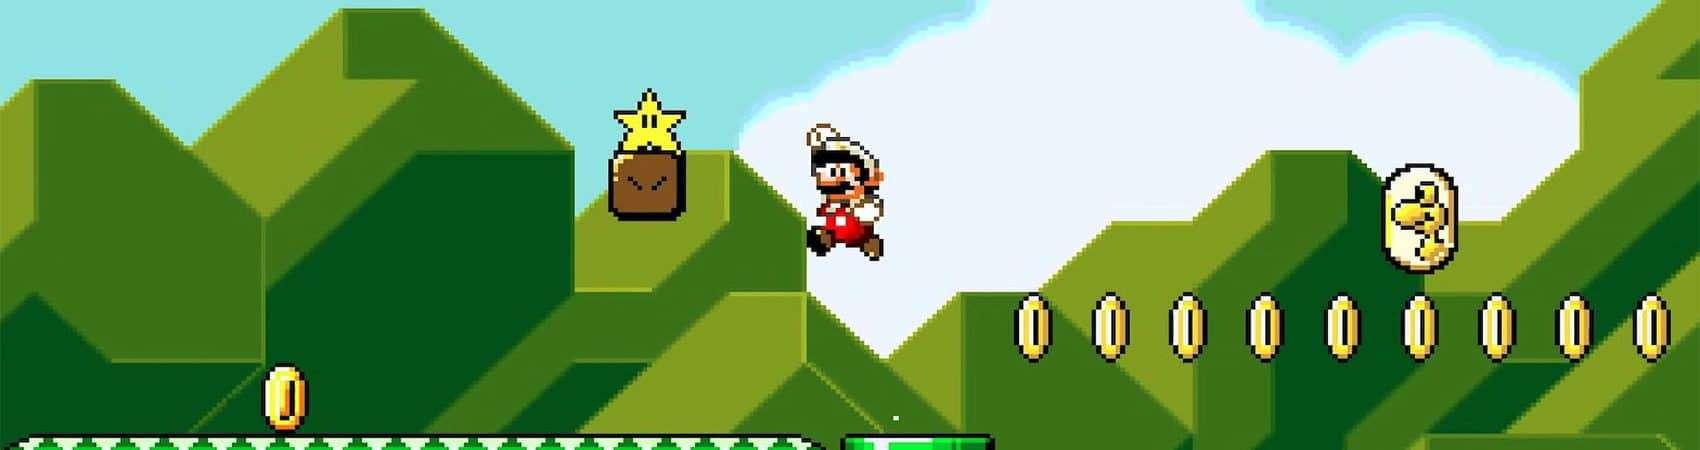 Super-Mario-World-Widescreen1-1700x450